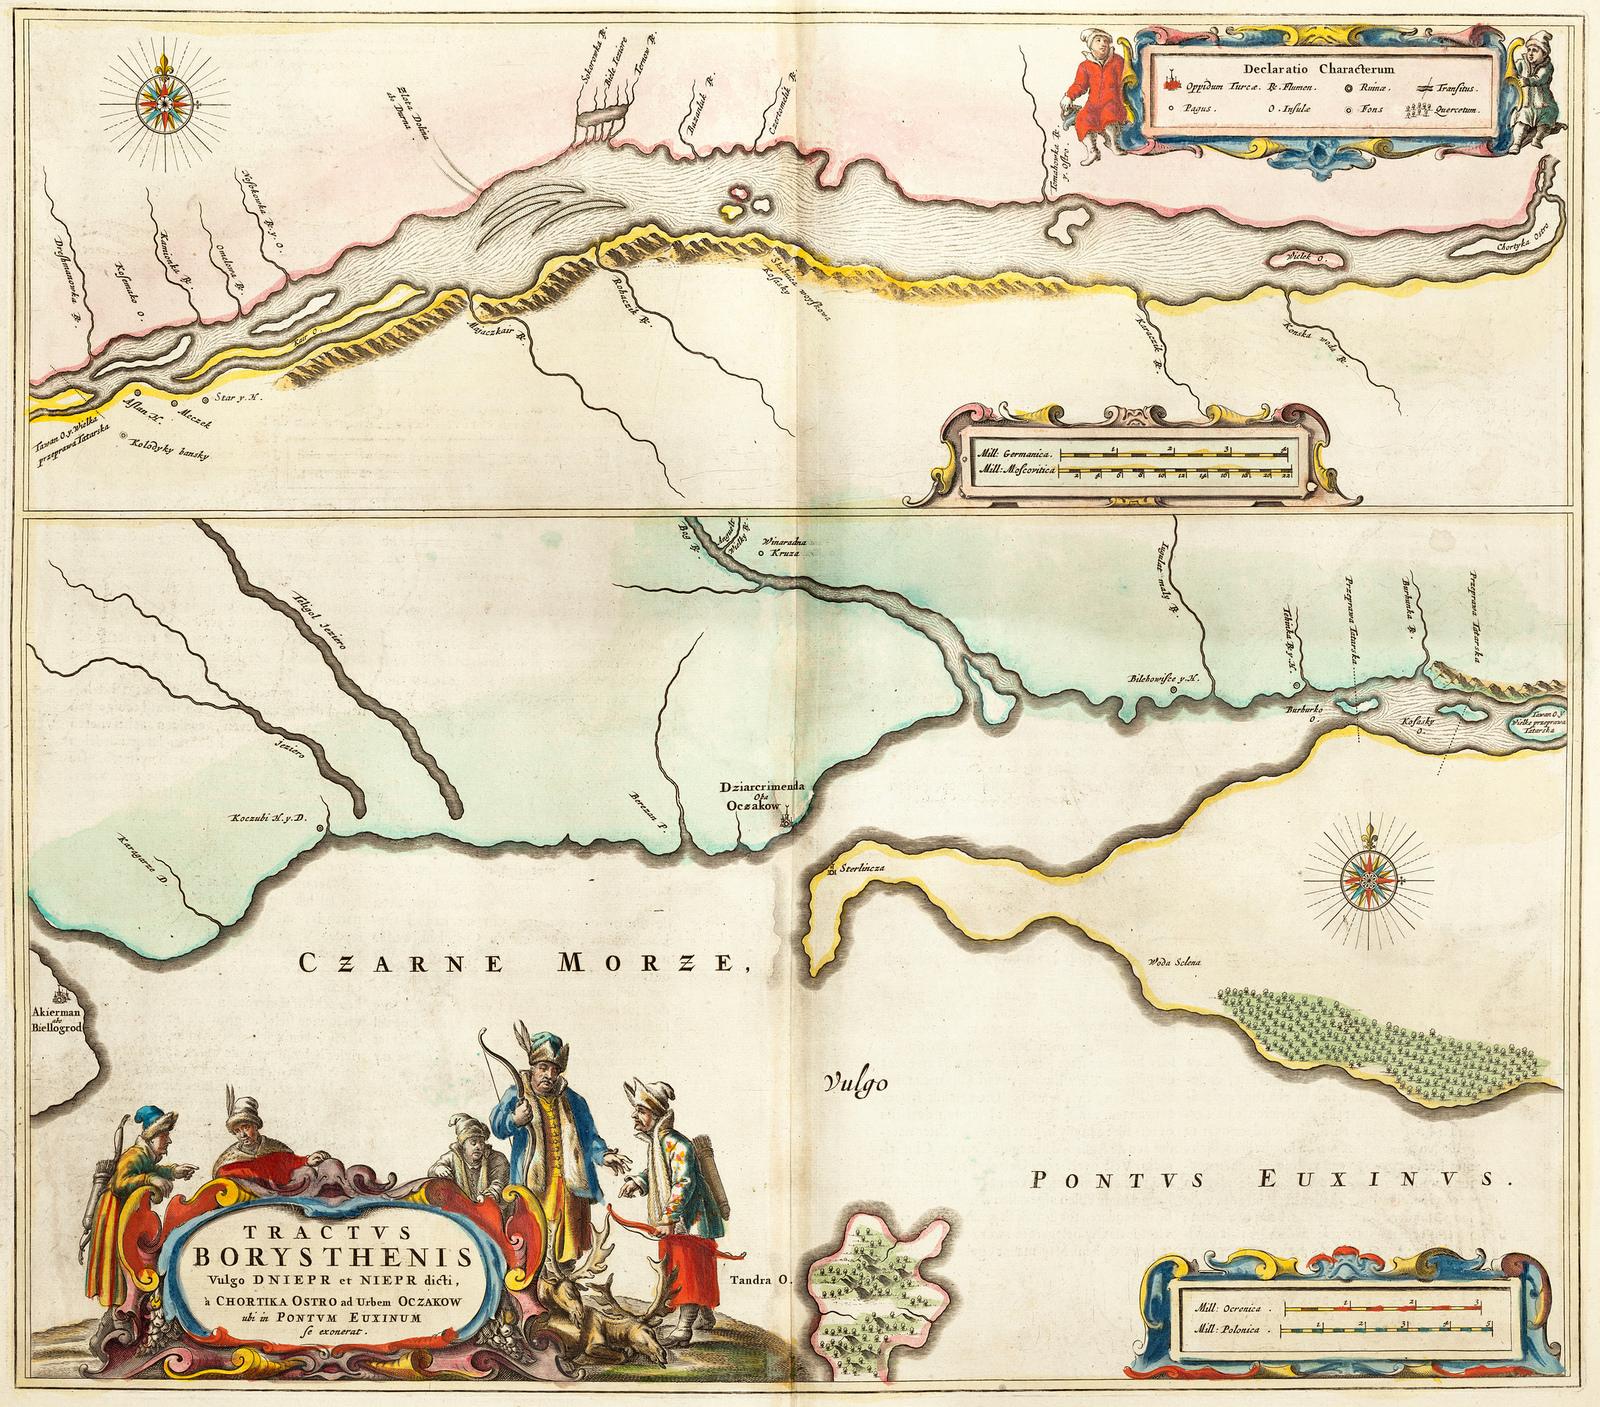 1662 Dnieper 3 de Jortitsia al Mar Negro